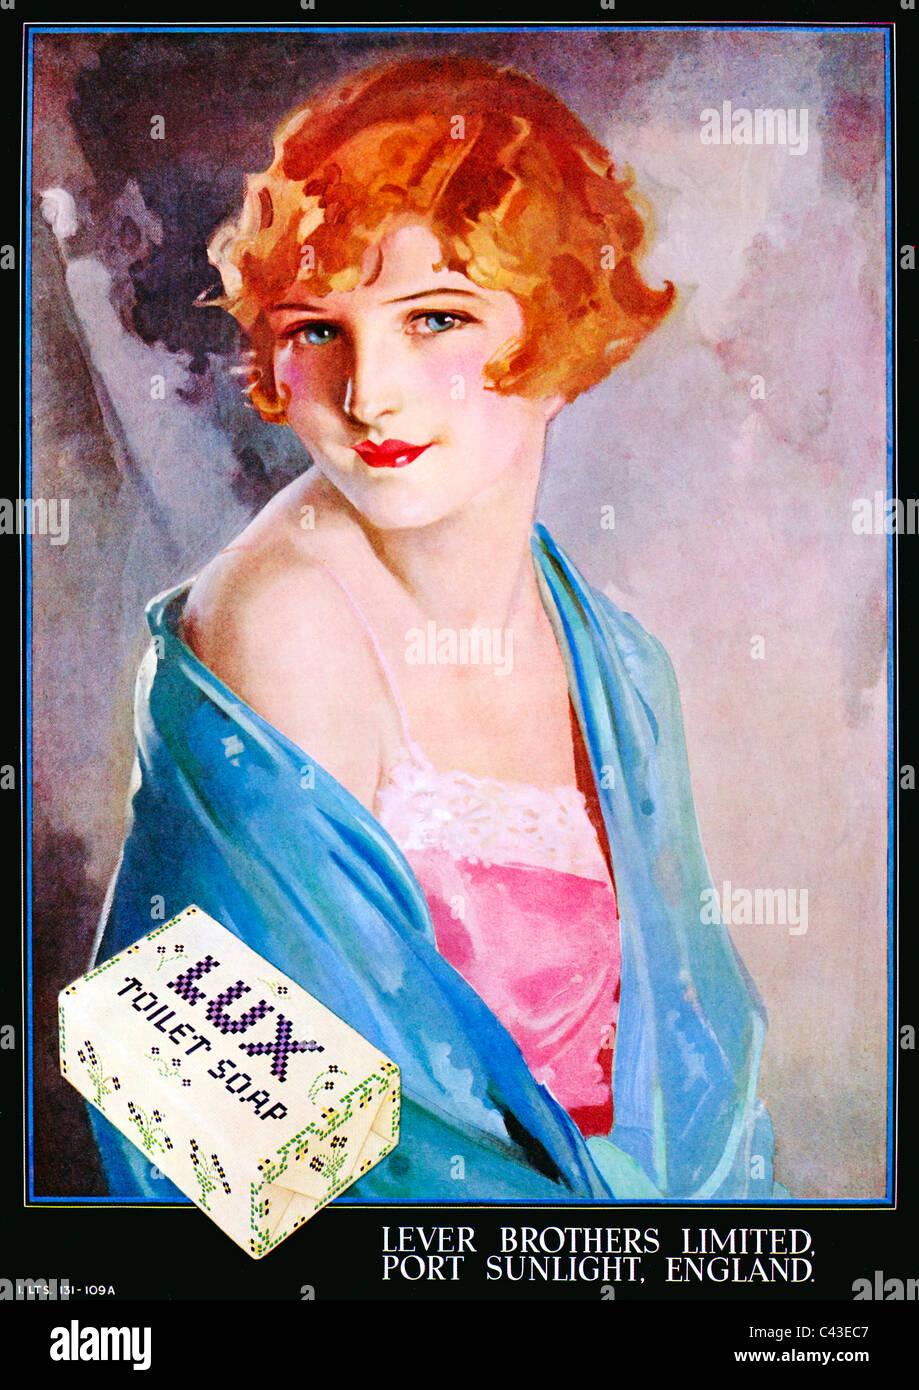 Lux Feinseife, 1932-Werbung für die Lever Bros Seife mit einem schönen Bild von einem schönen Mädchen Stockbild